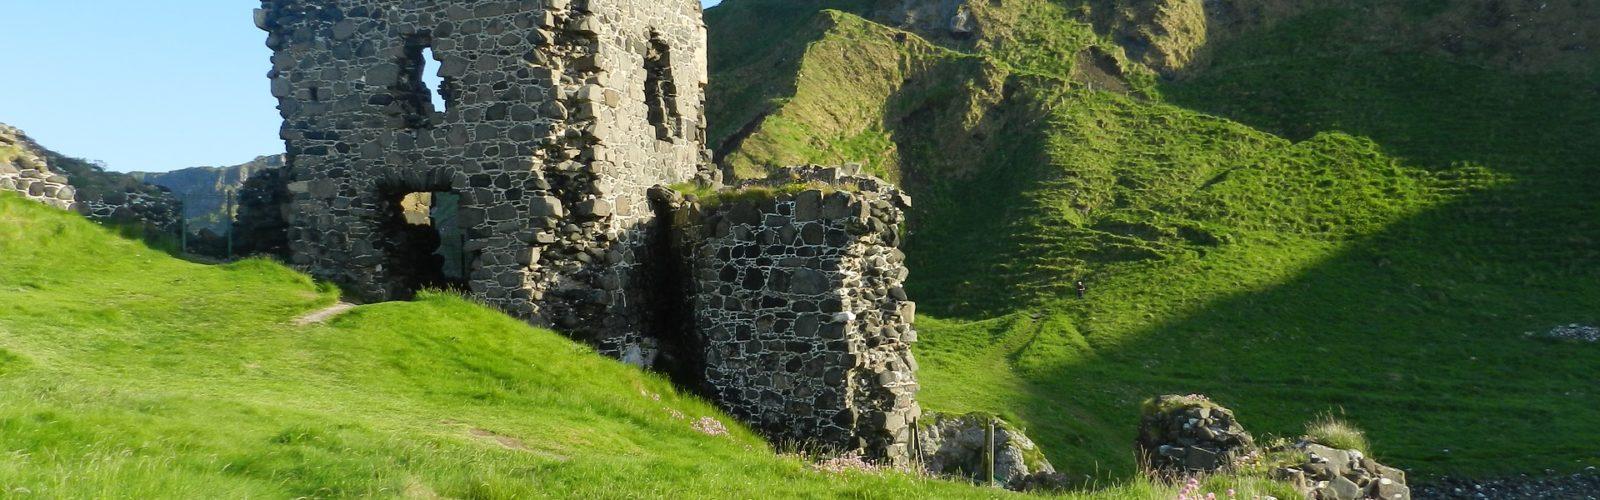 Luonto- ja kulttuurimatka Etelä- Irlantiin  Killarney & Cork